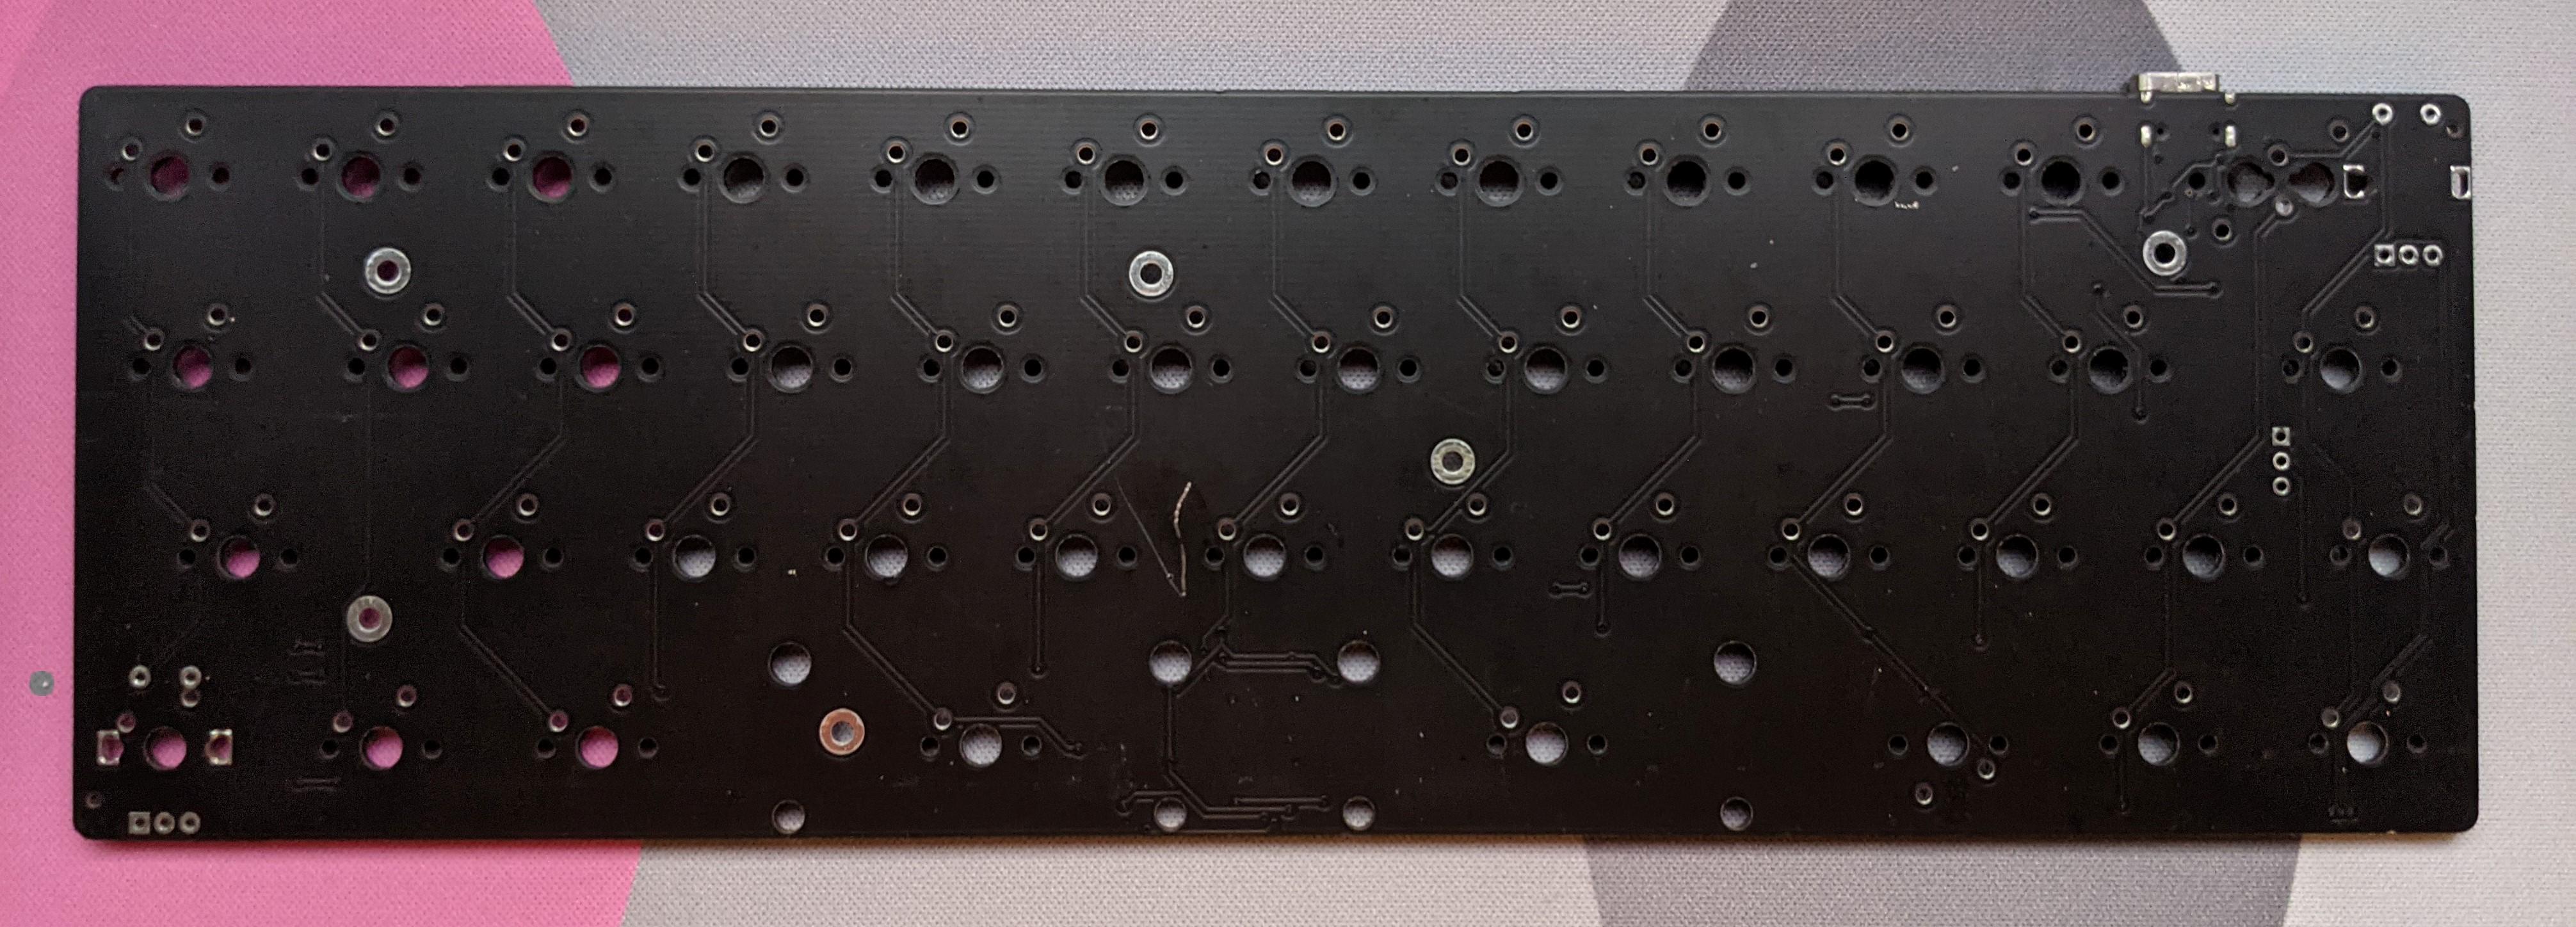 Front of a black m3n3van rev2 PCB